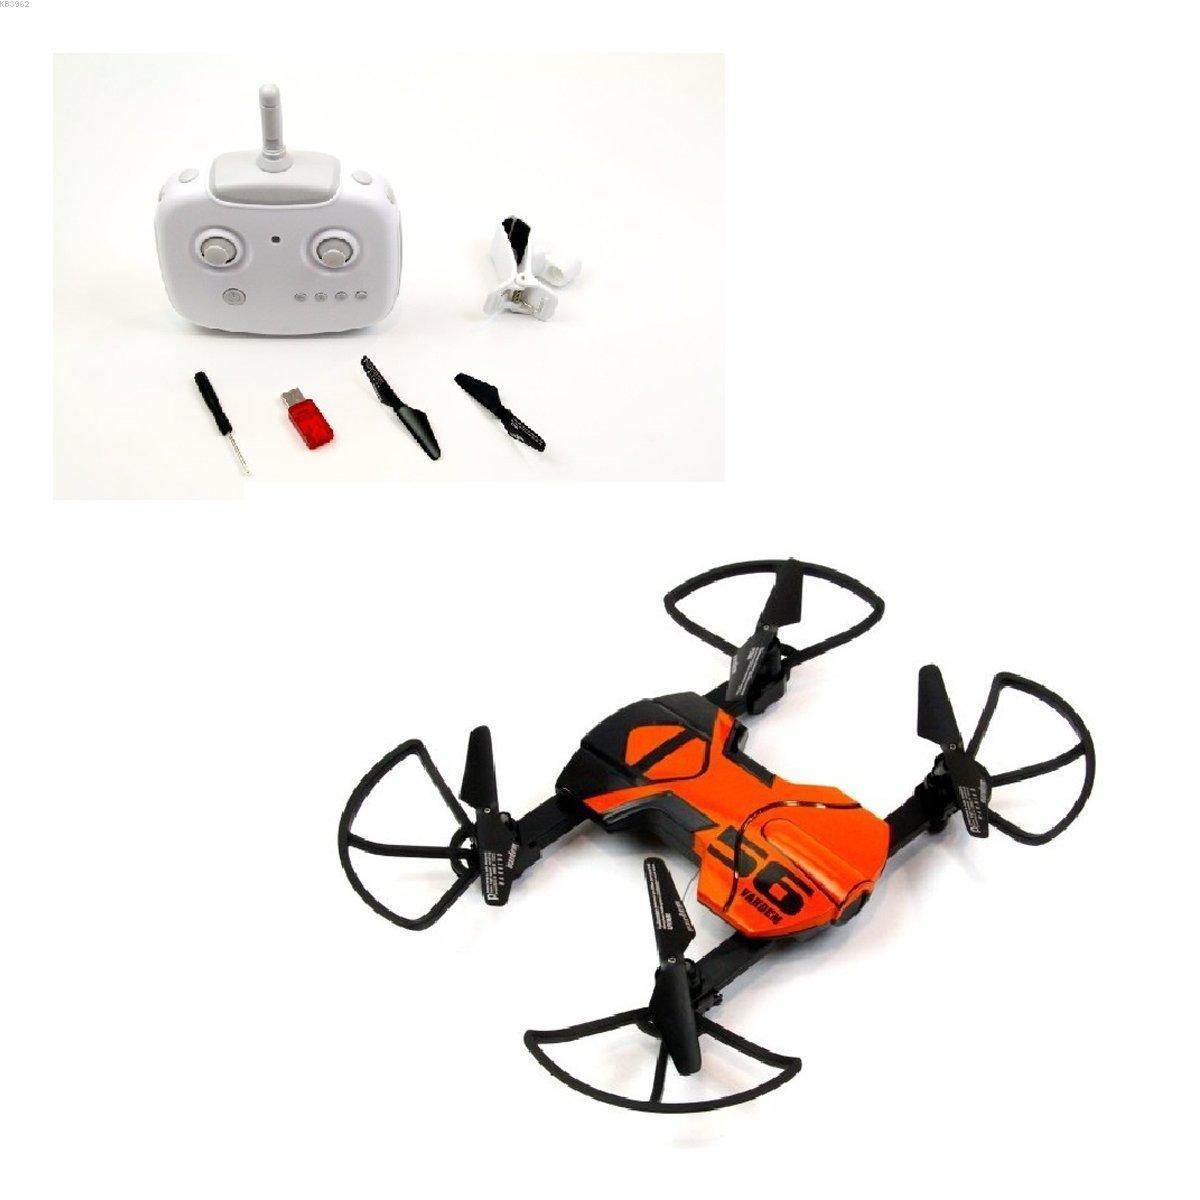 Vardem MK-56 Katlanabilen Kameralı Drone